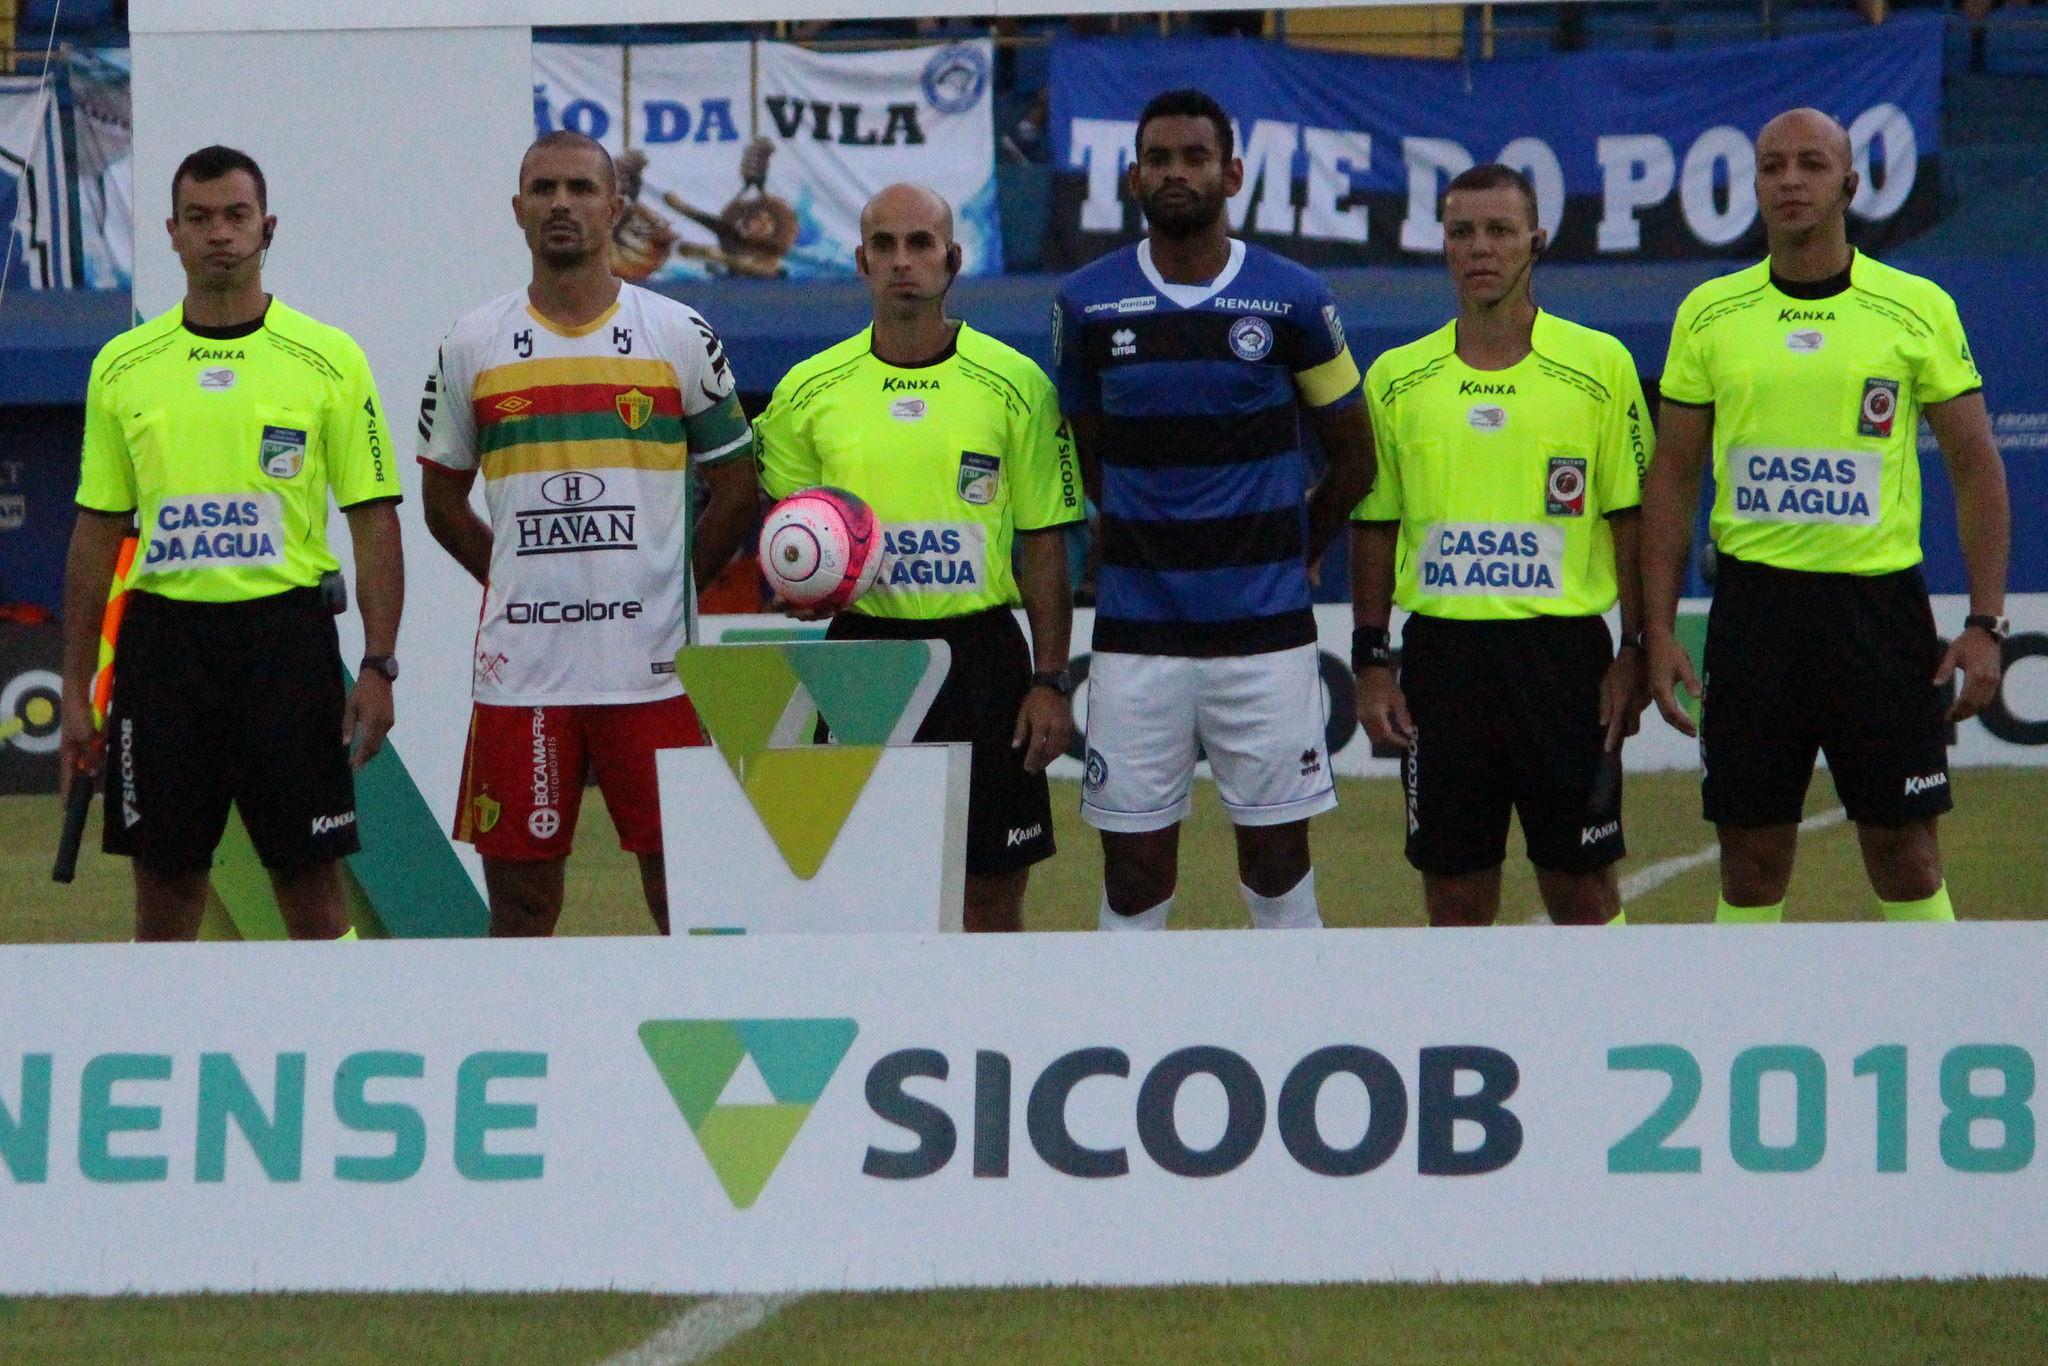 Henrique Neu, Fernando Miranda, Fabiano Coelho, Marcos Vinícius Foto: Comunicação CA Tubarão